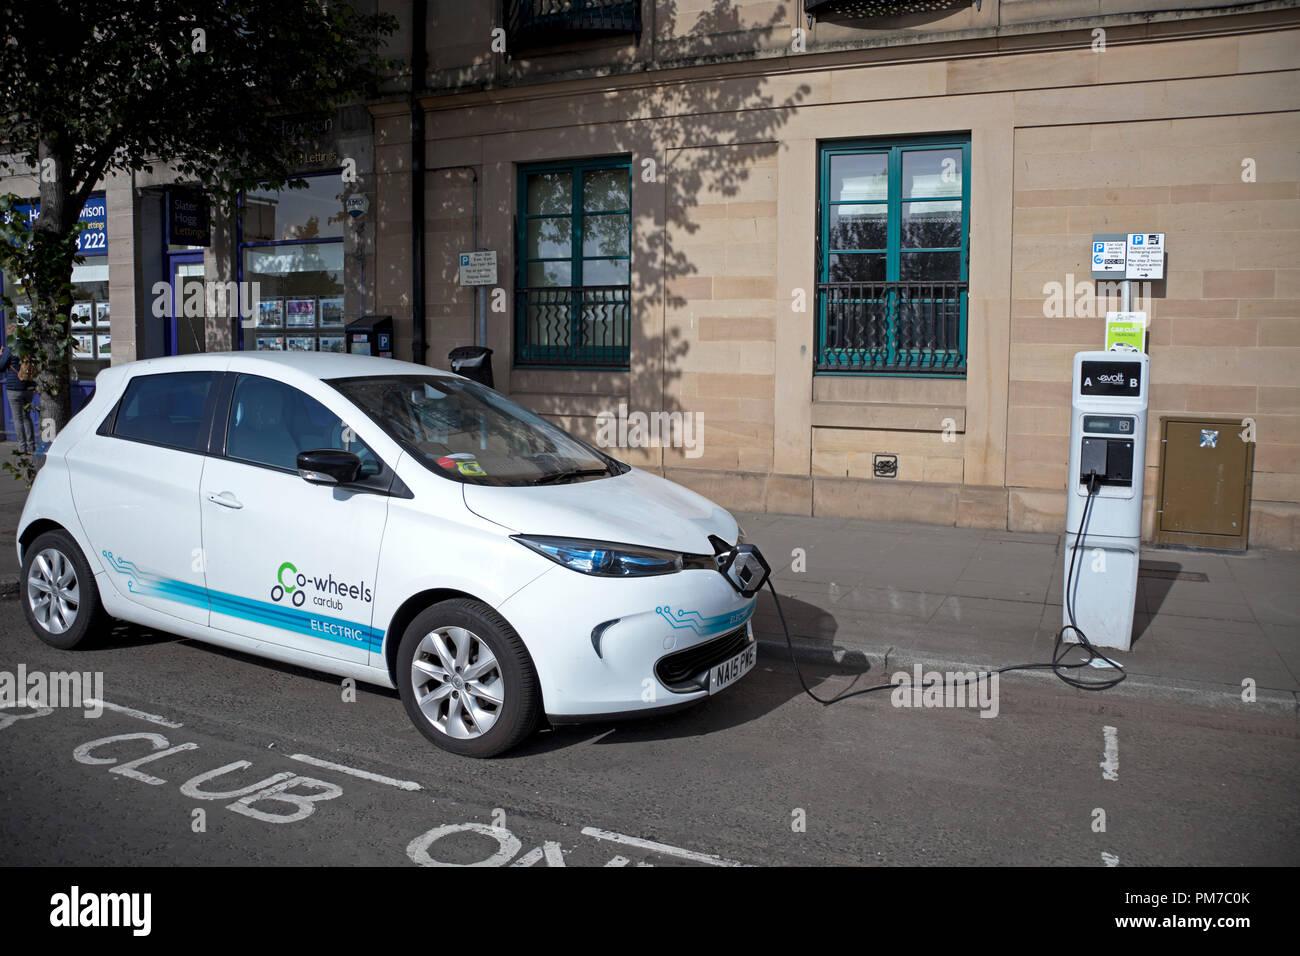 Carga de vehículos eléctricos, Dundee, Escocia, Reino Unido Imagen De Stock